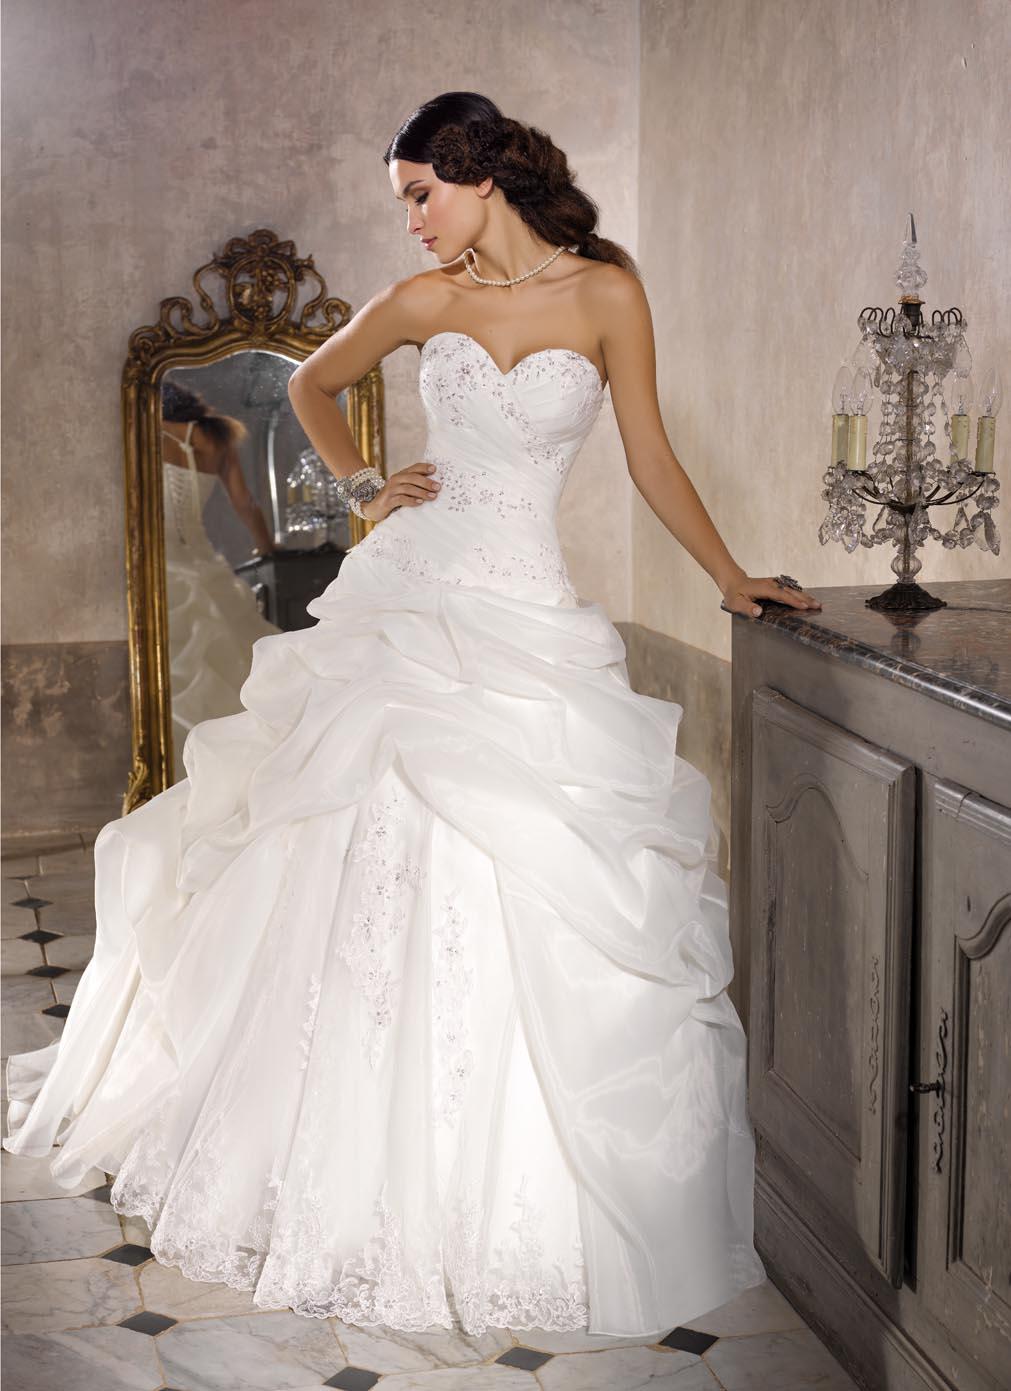 Vestito sposa ball gown collezione 2016 Miss Kelly